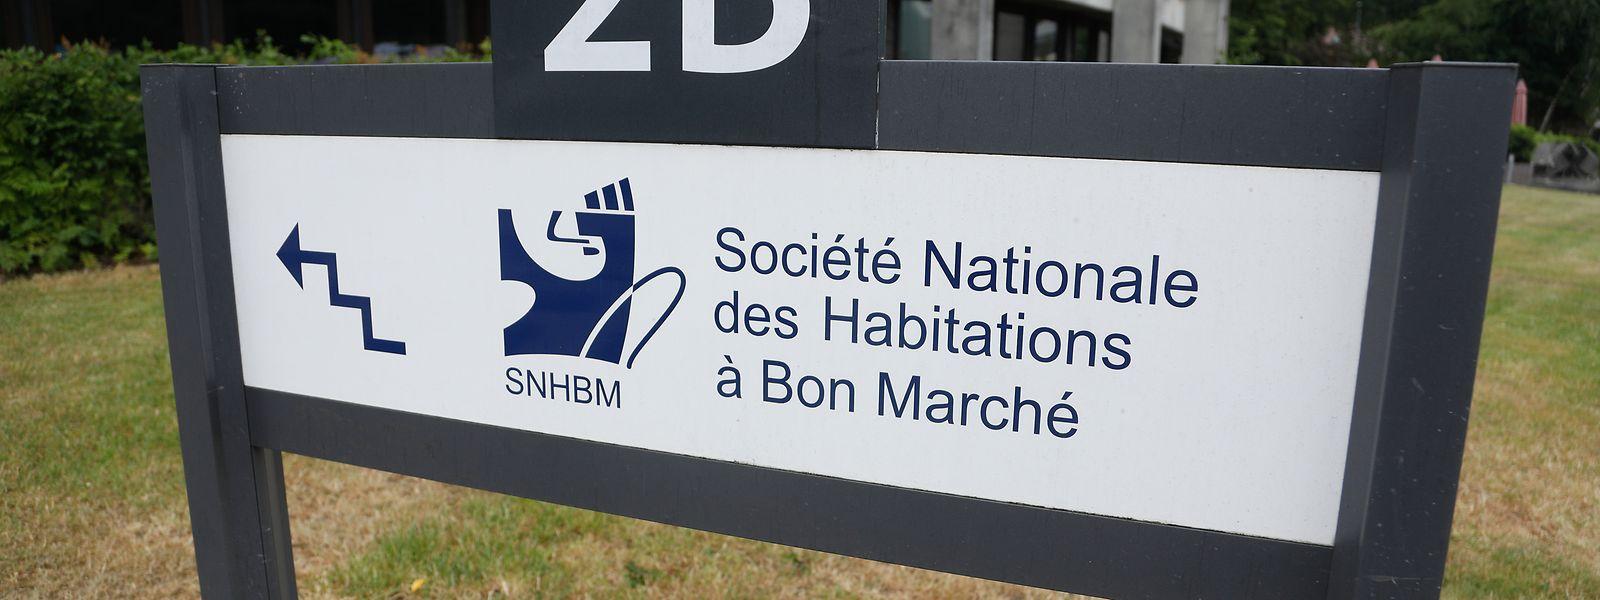 L'anniversaire de la SNHBM a lieu dans un contexte explosif pour le marché du logement, alors que les Luxembourgeois perdent patience.